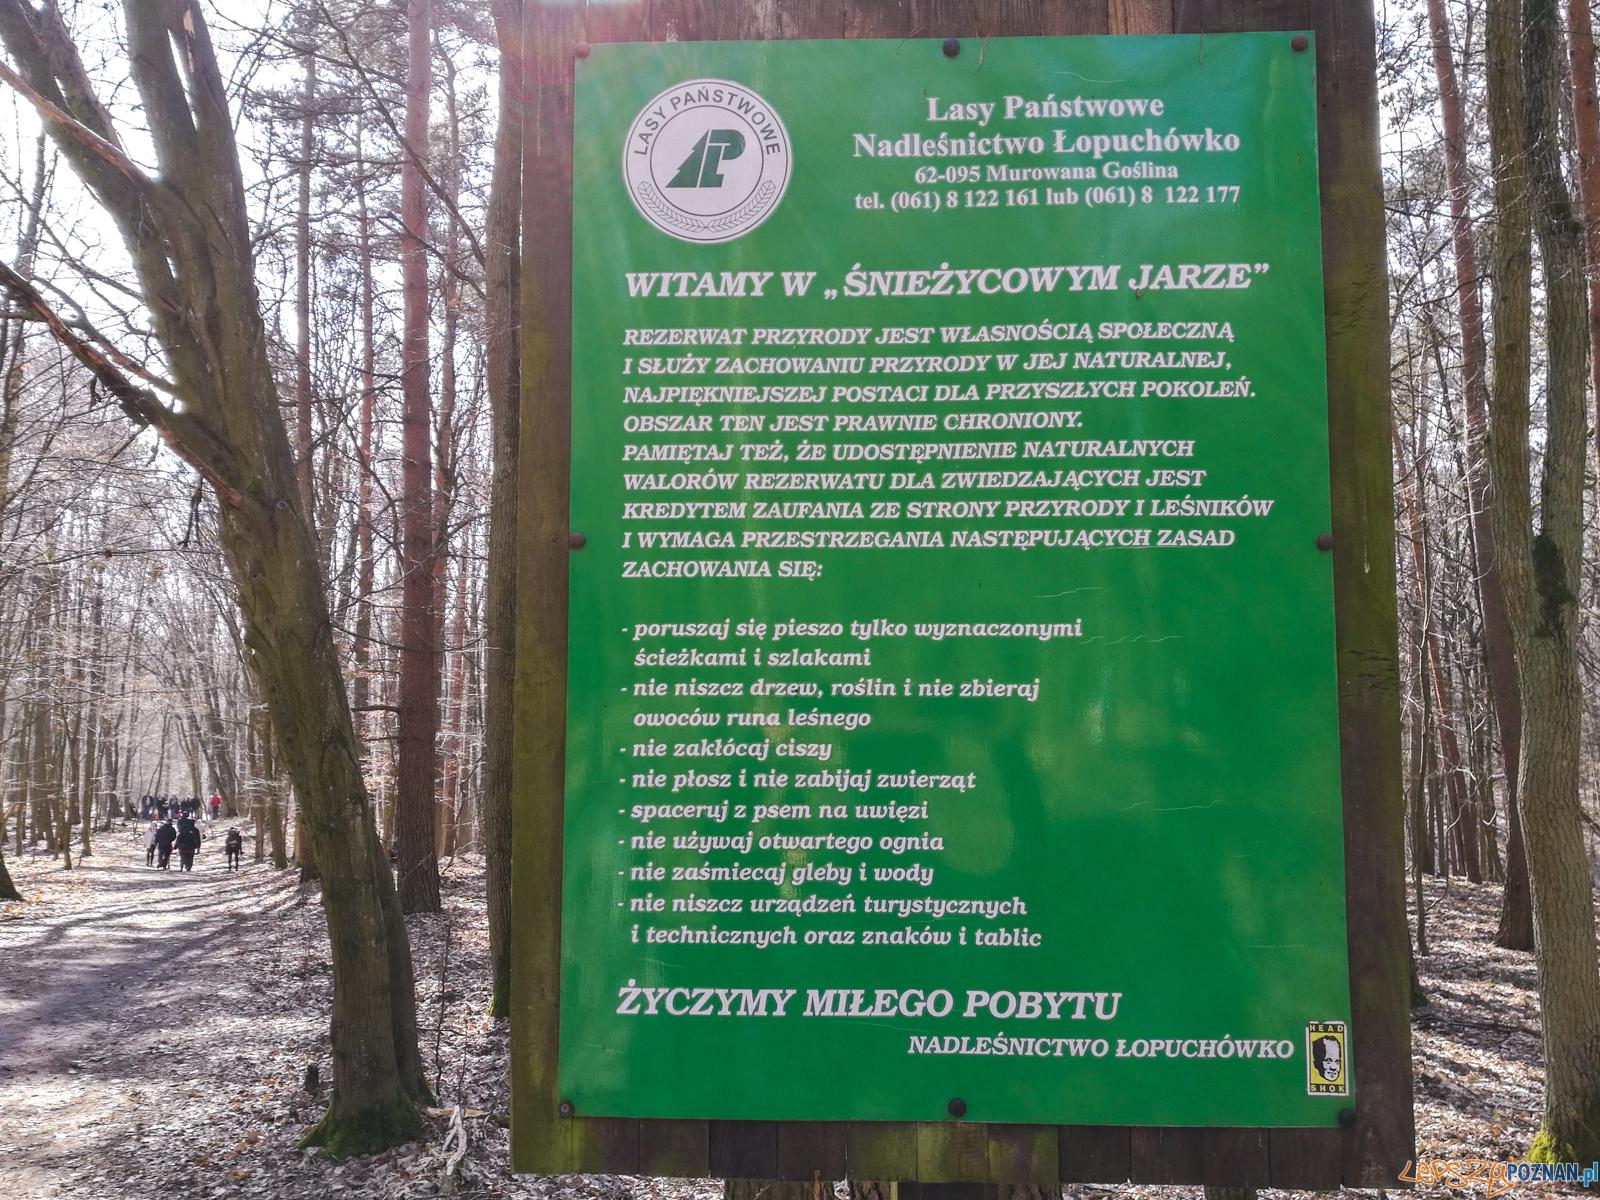 Śnieżycowy Jar  Foto: LepszyPOZNAN.pl / Paweł Rychter